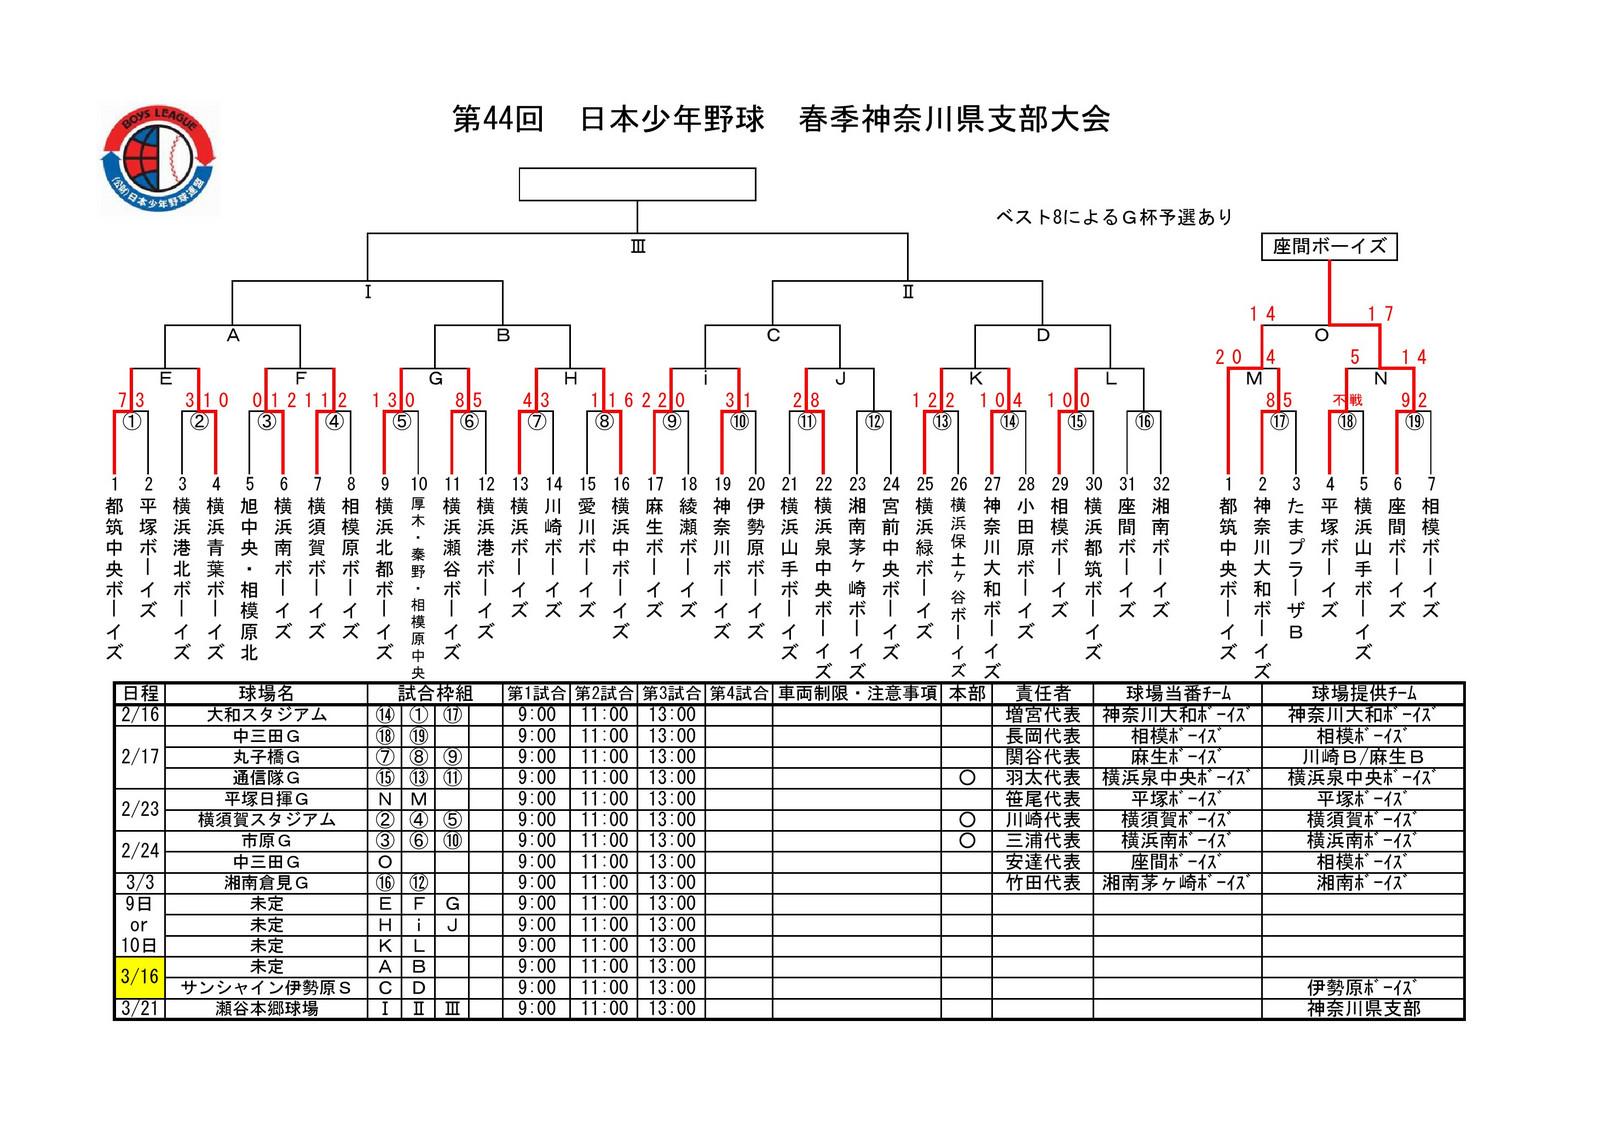 20190225_kanagawa_spring